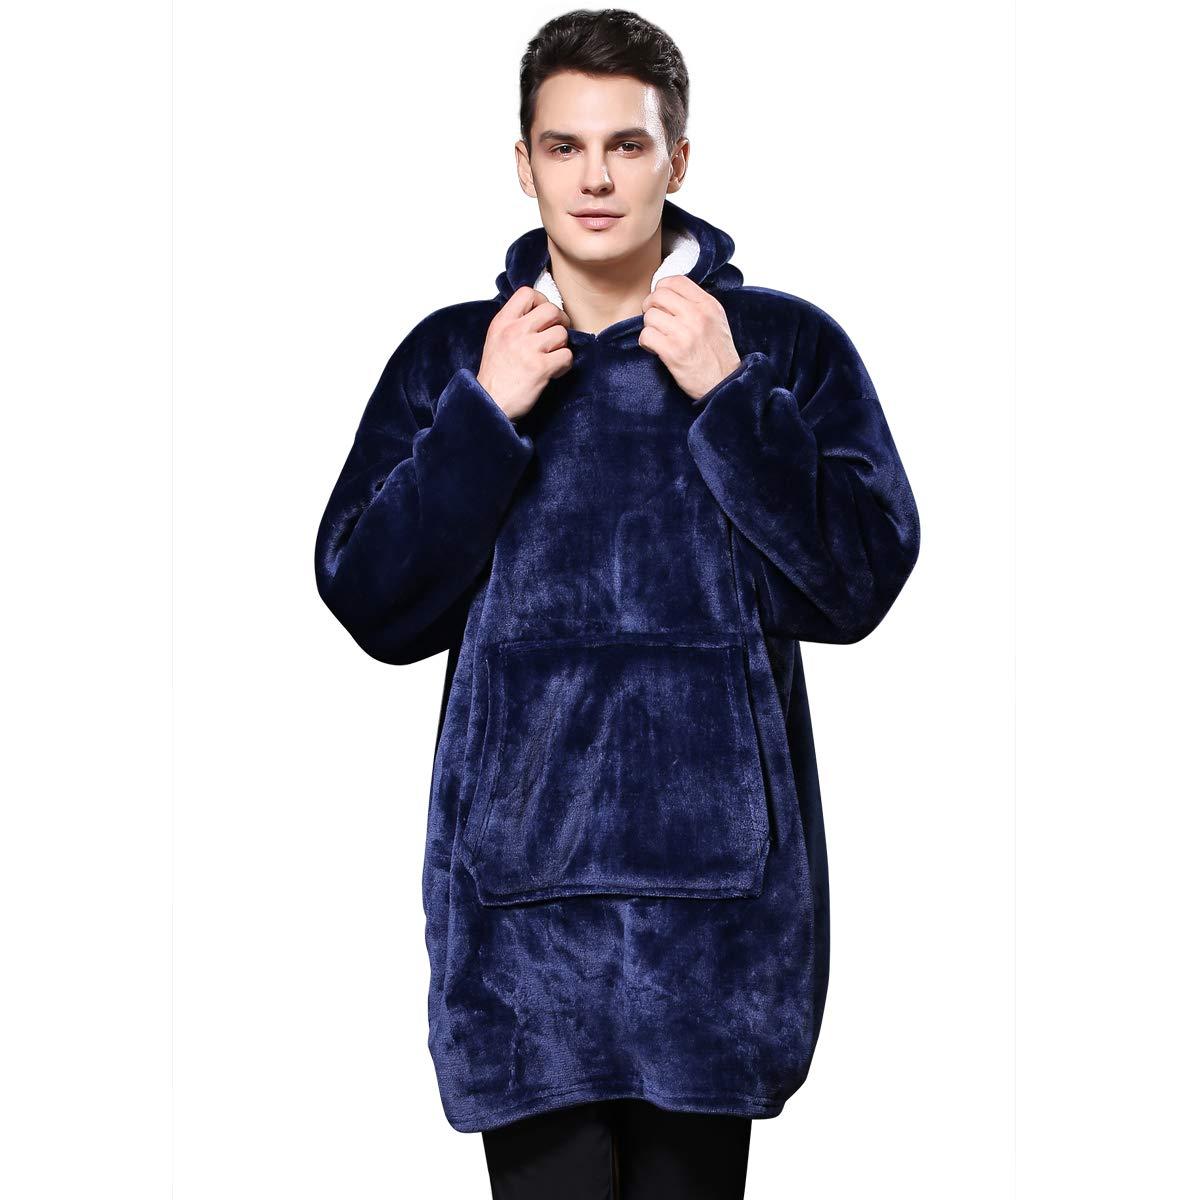 Lazy Huggle Hoodie Wearable Blanket